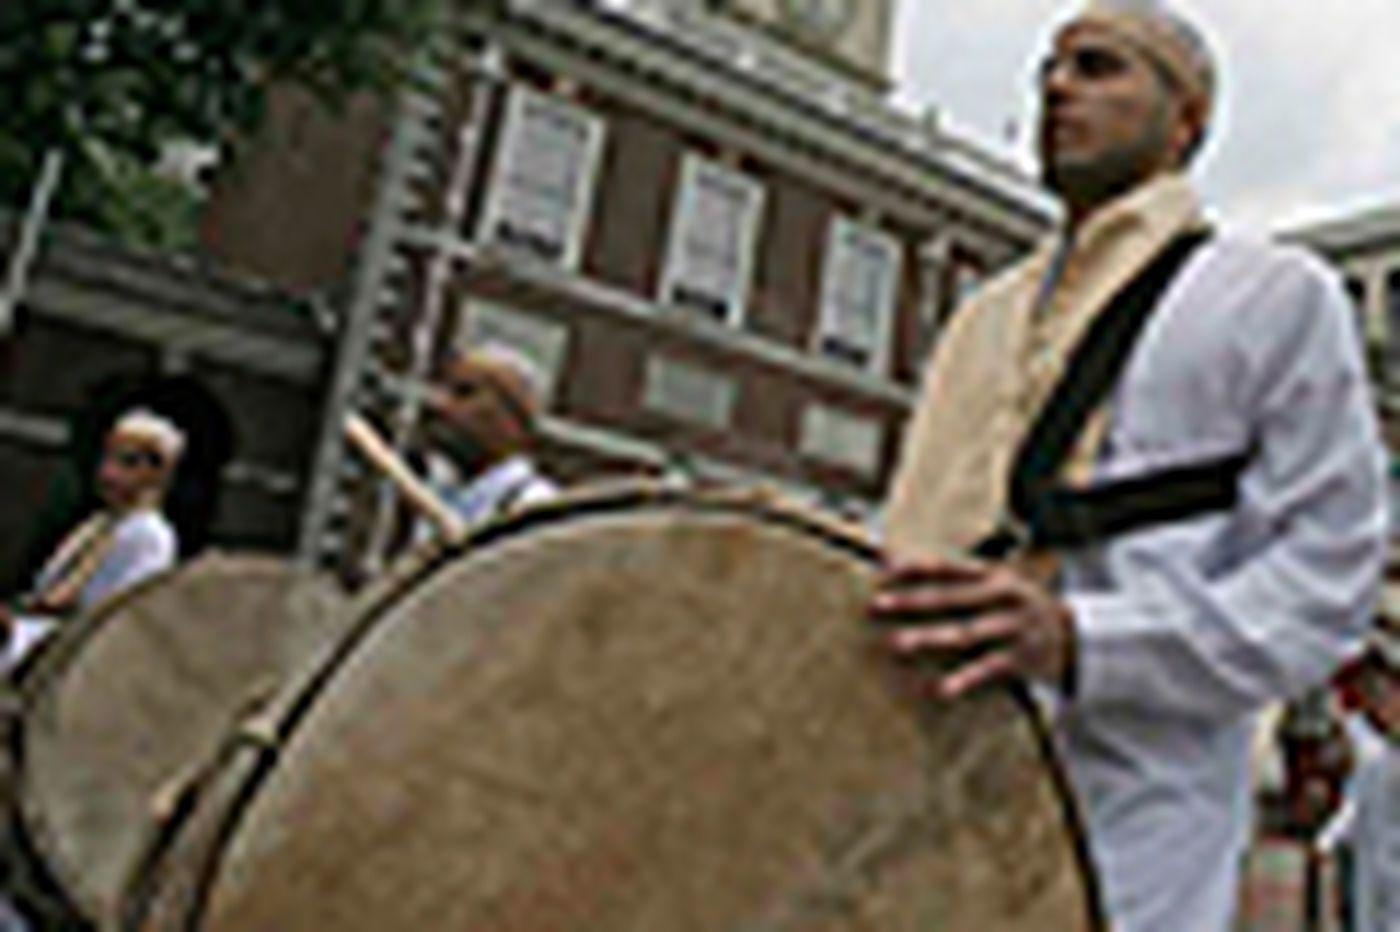 Muslims in Philadelphia celebrate Islamic heritage